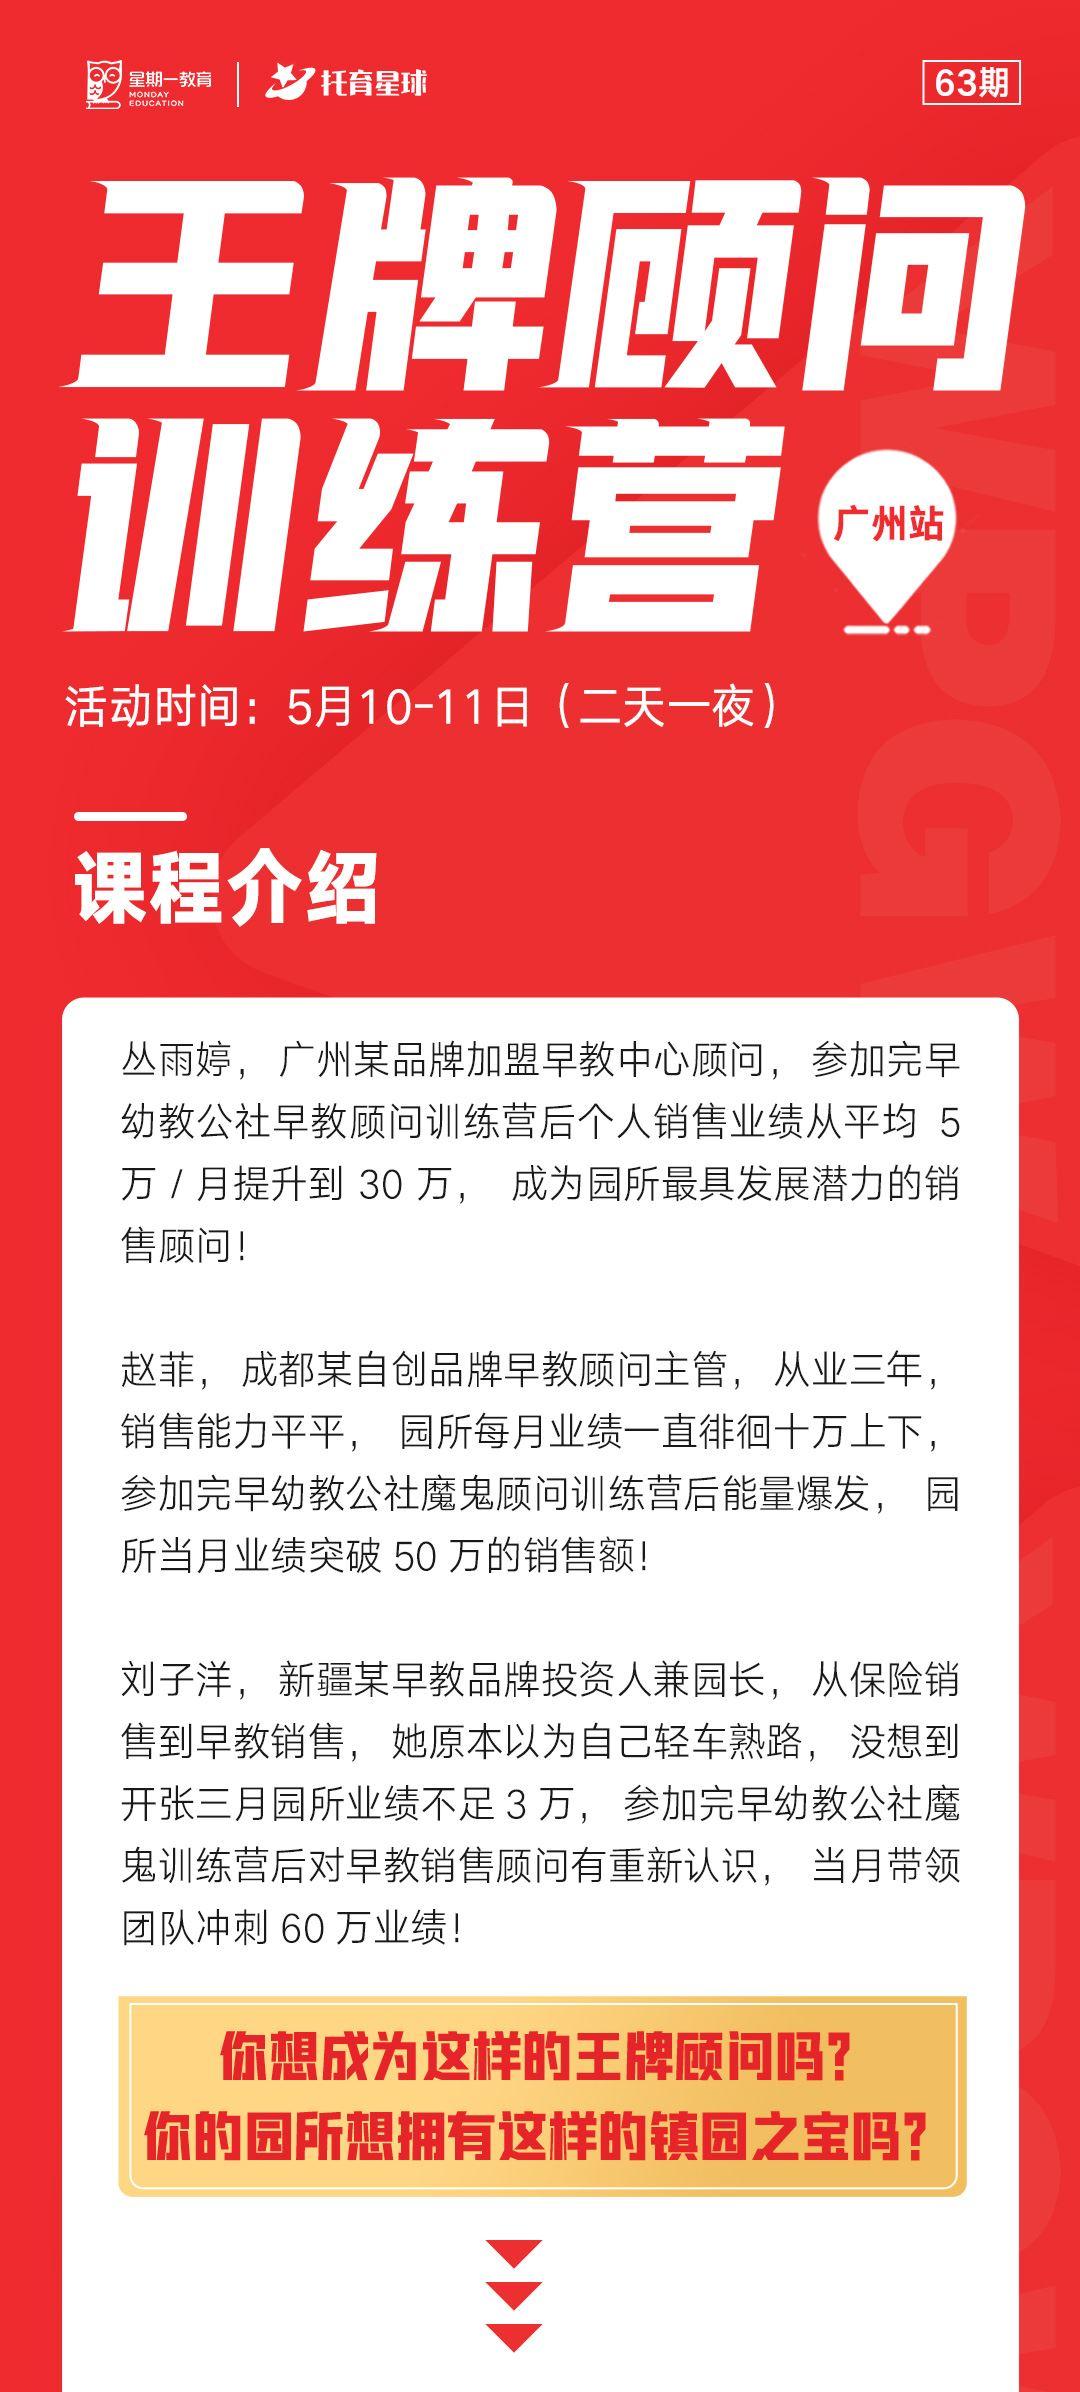 顾问训练营长图(广州站)_01.jpg